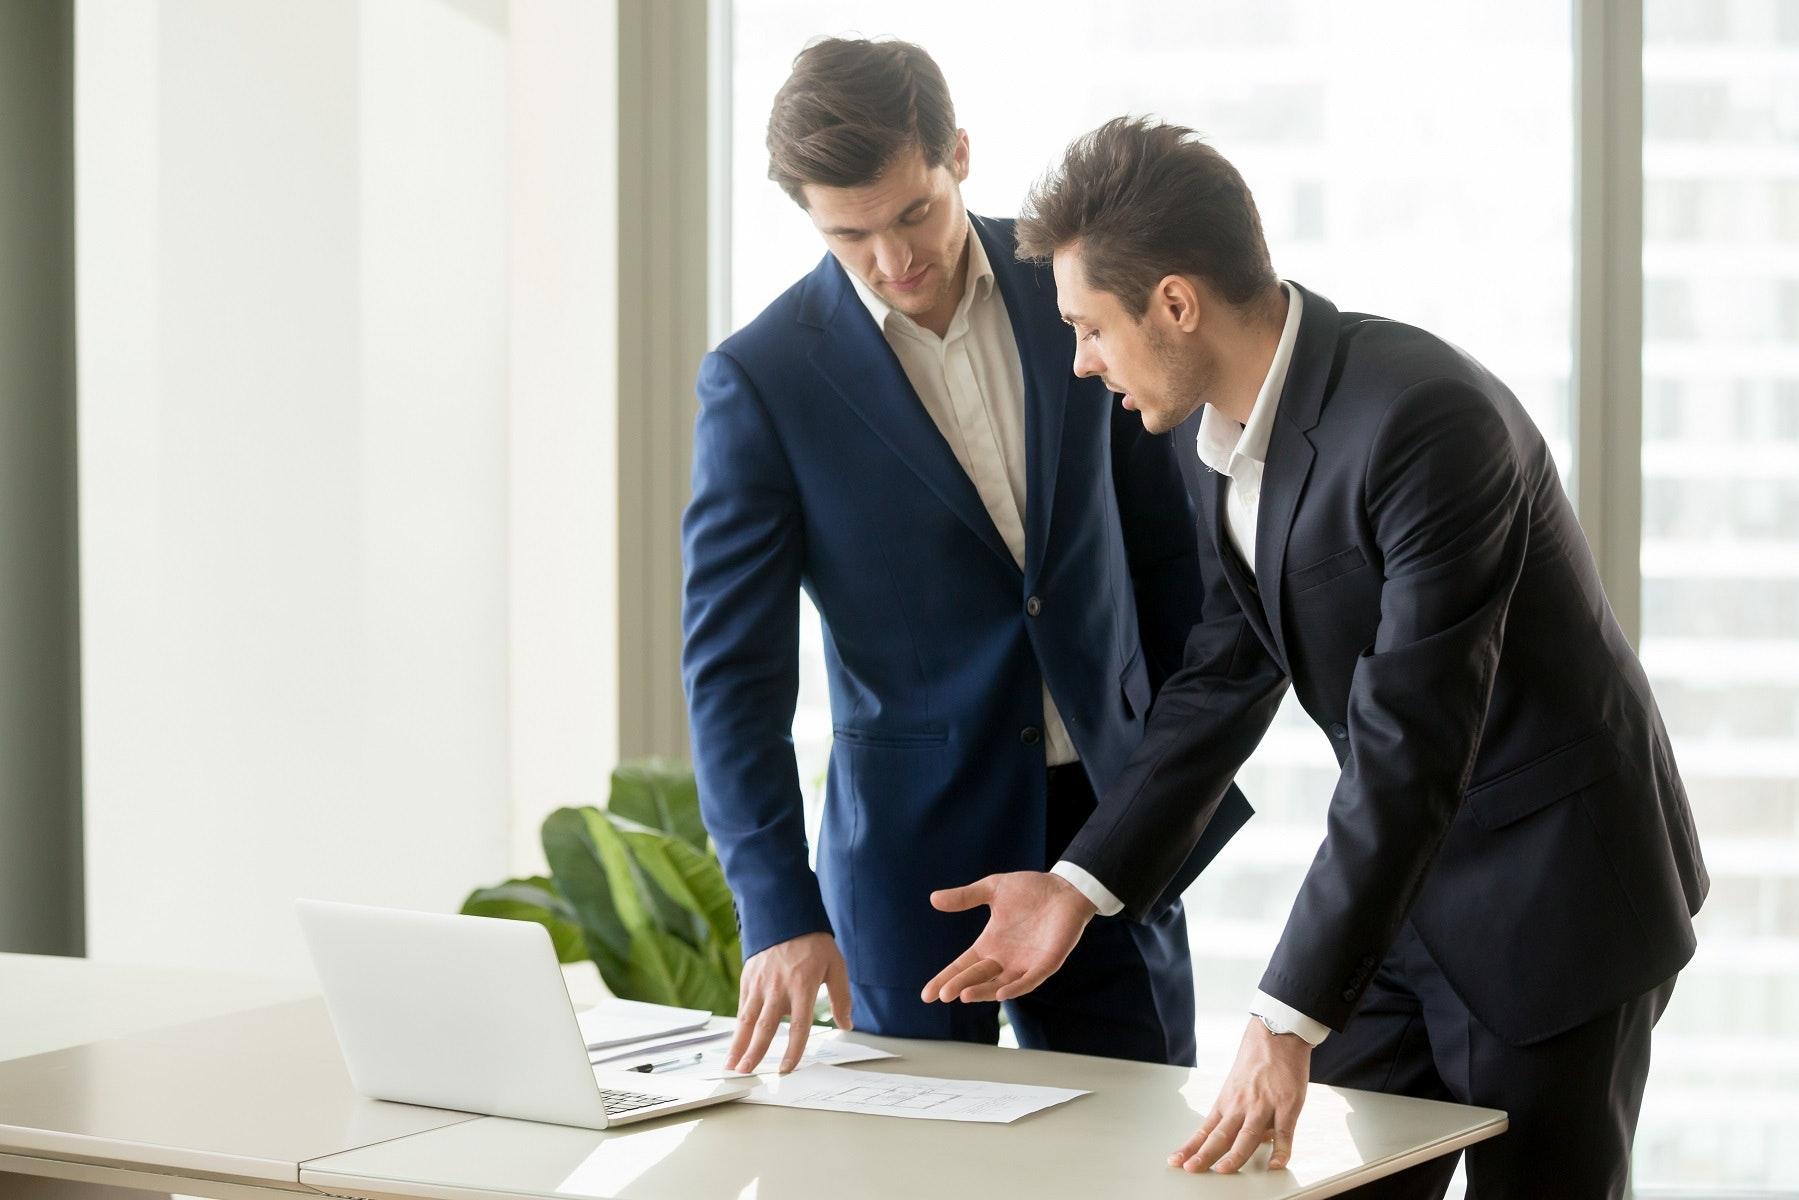 conseils assurance prévoyance pour une entreprise